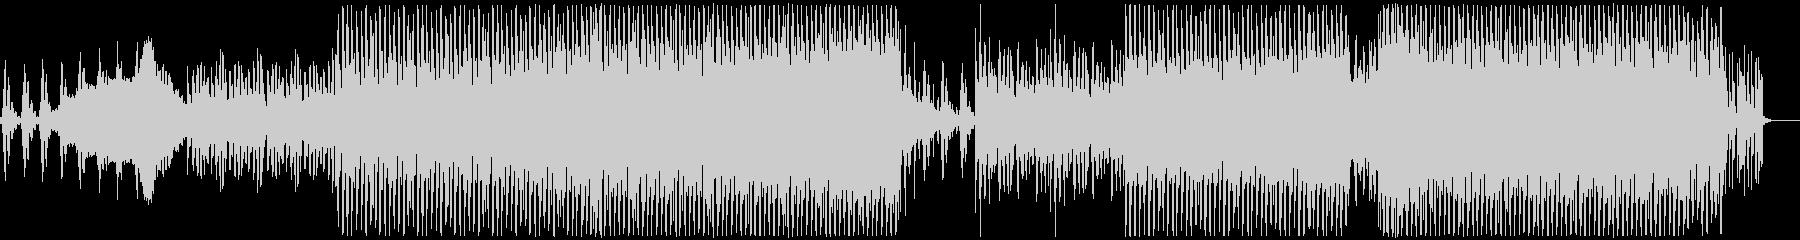 シブい系のシンセ音、幻想的なEDMの未再生の波形